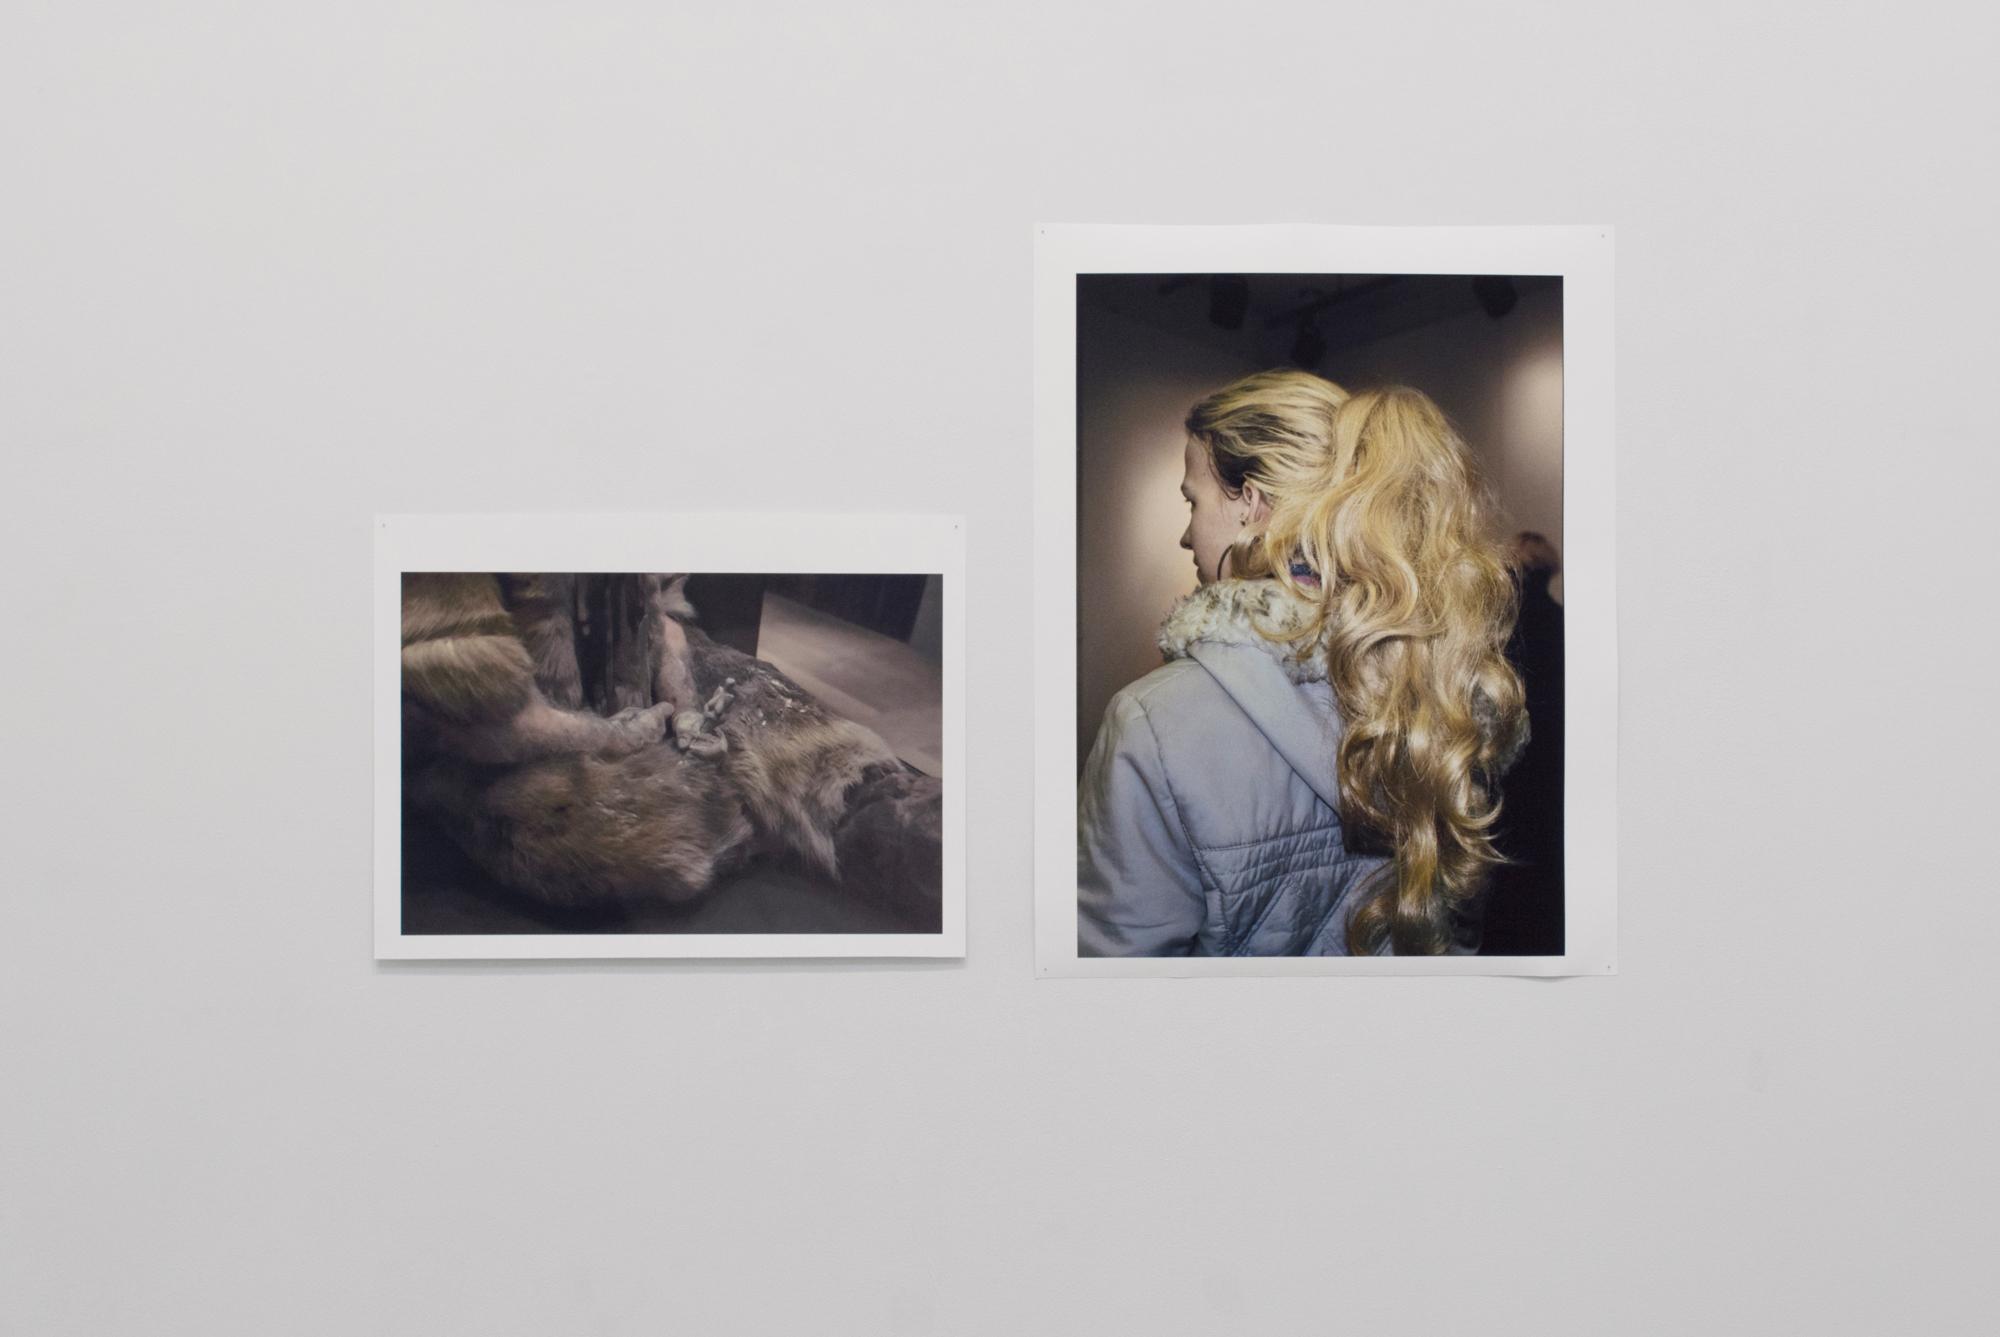 Judy_Linn_installation_DSC_0189_web.jpg